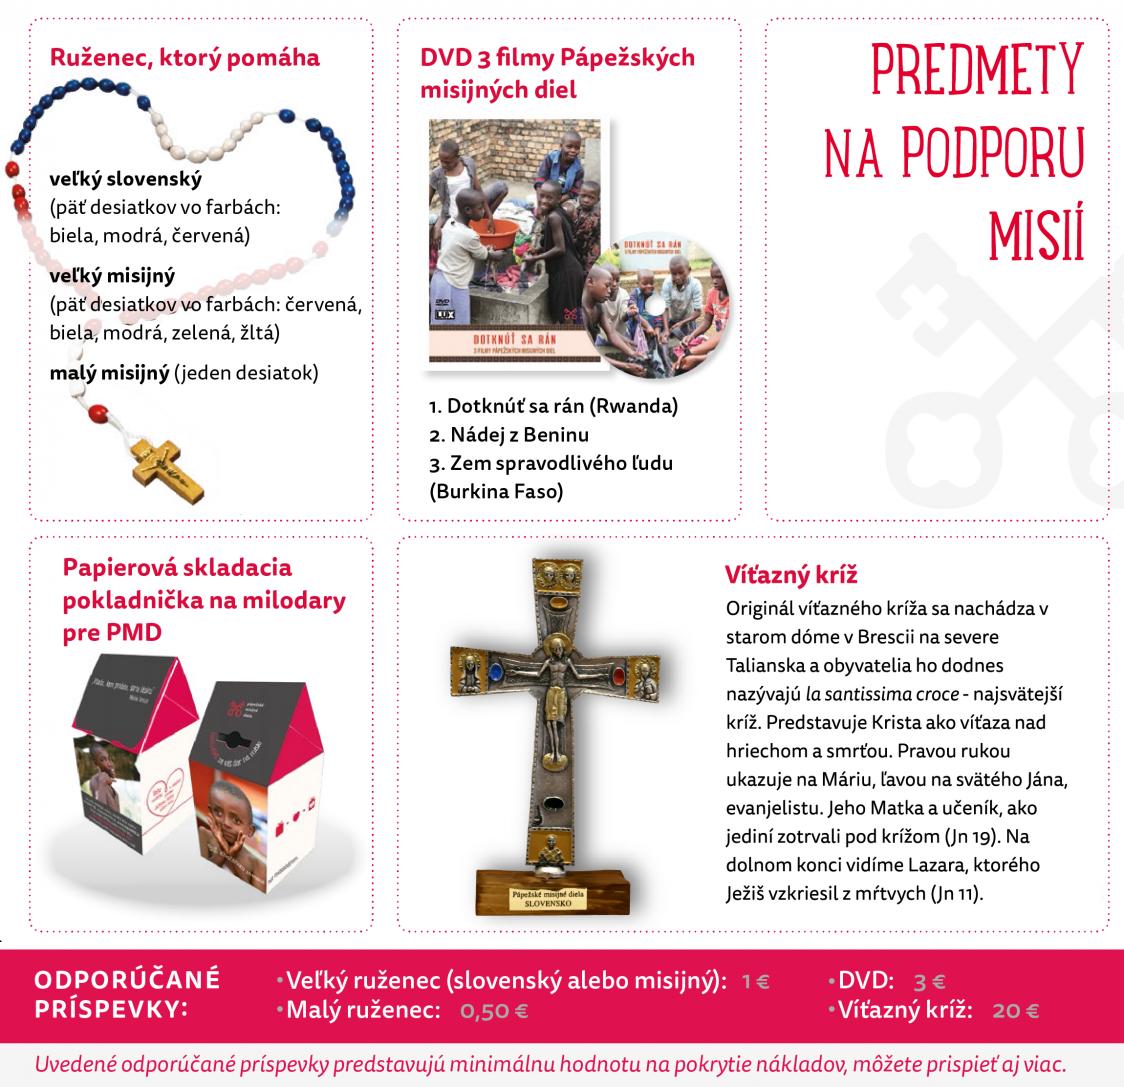 Misijné predmety misijné ružence